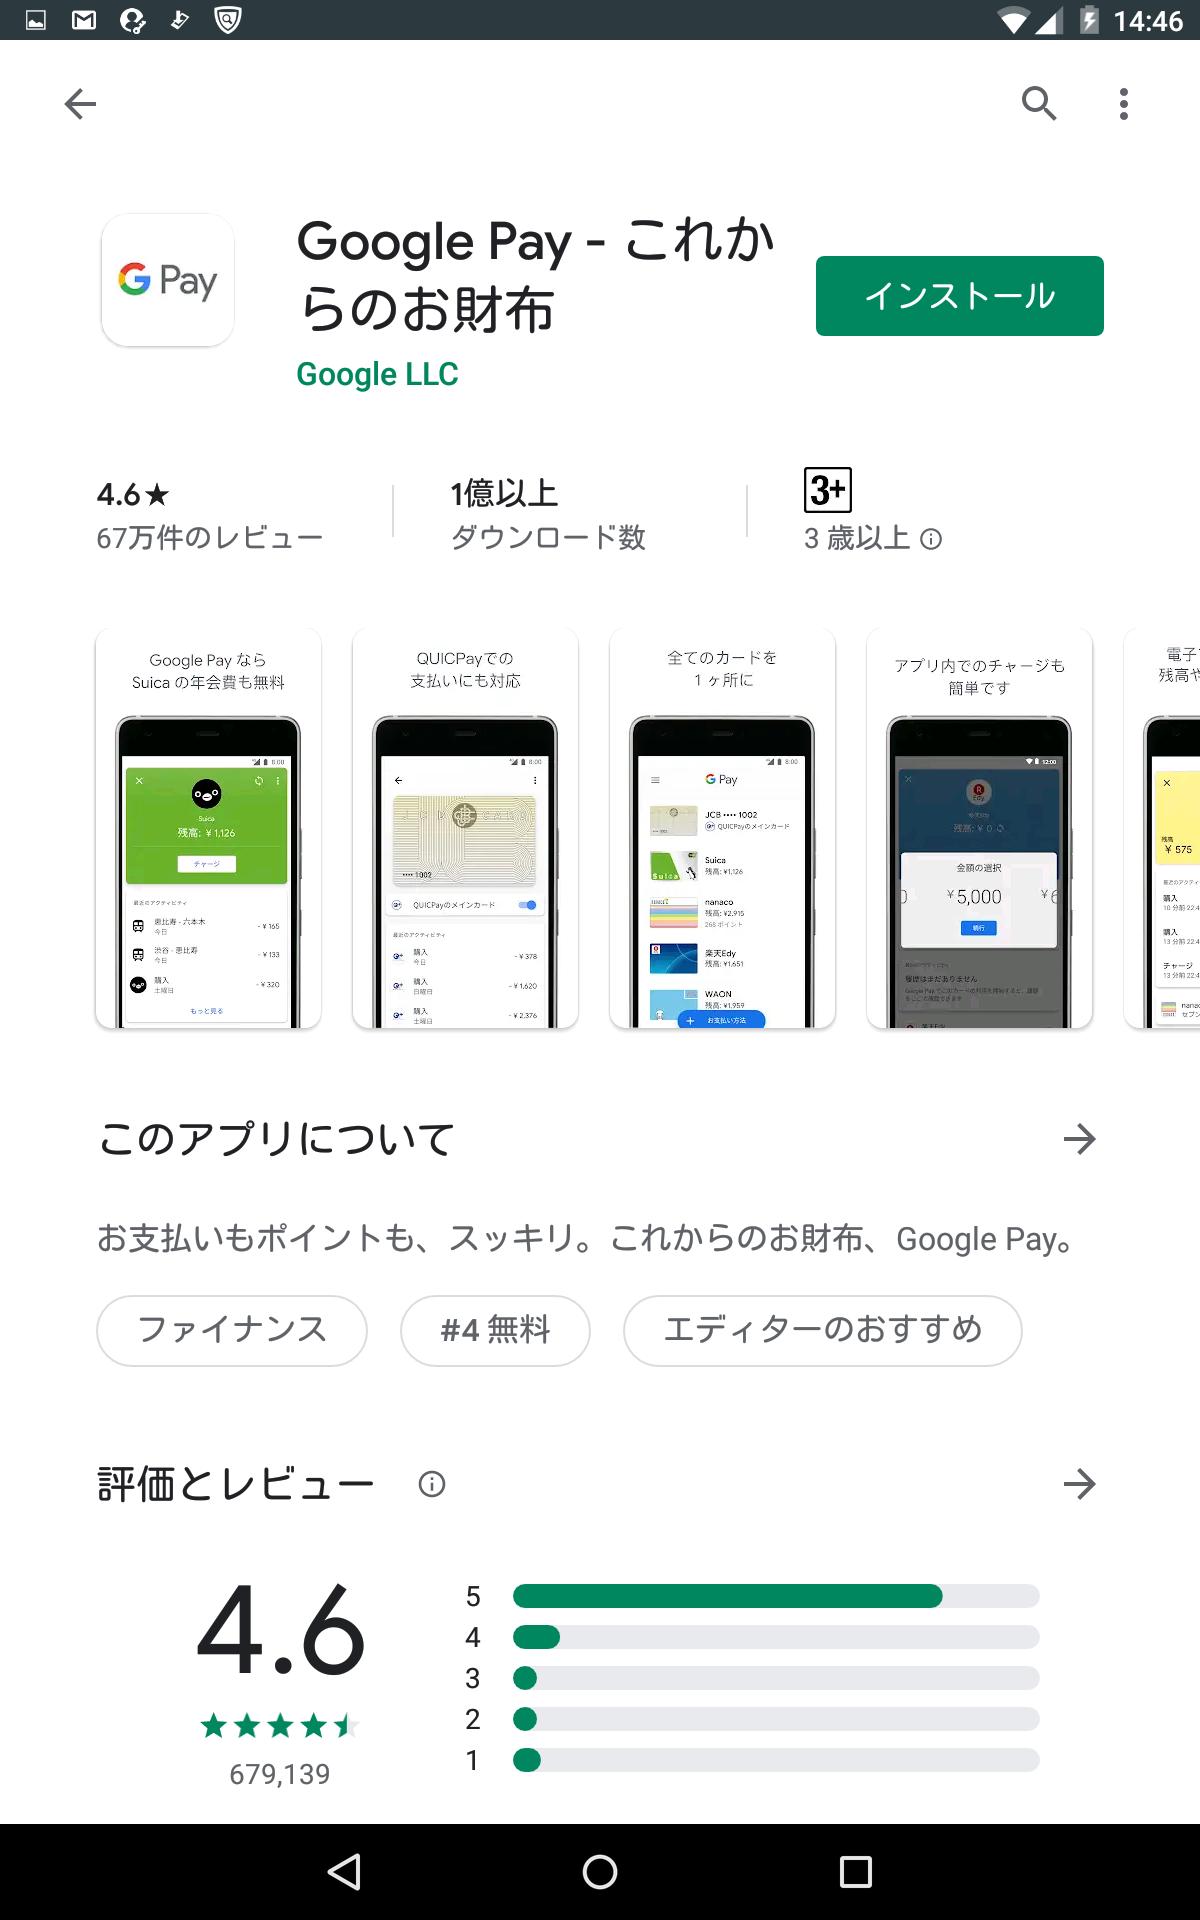 Google payアプリのダウンロード